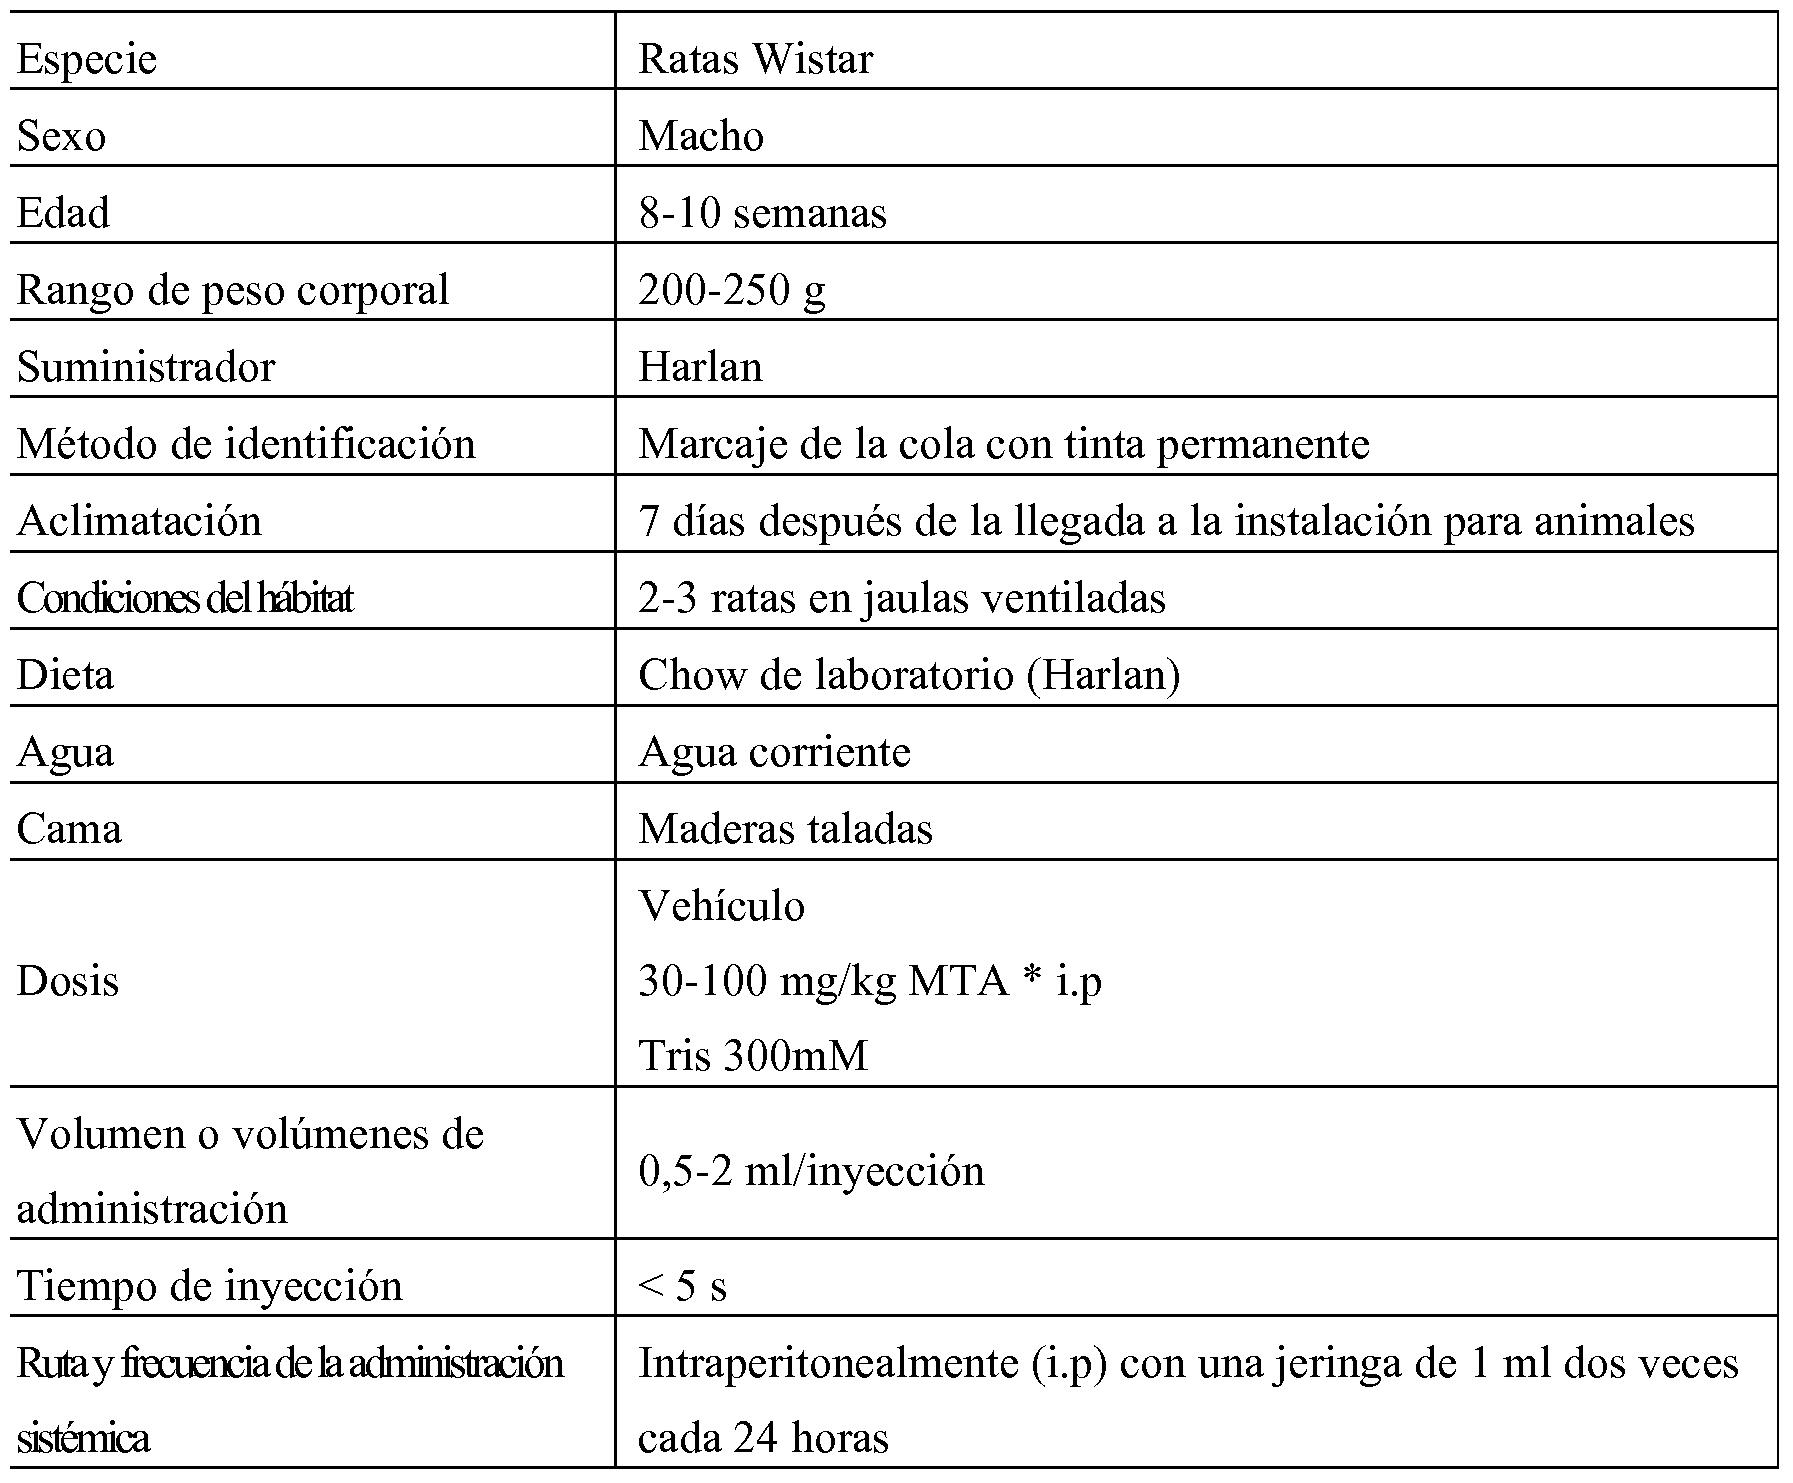 dieta de atrofia cerebral versus hipertensión intracraneal idiopática